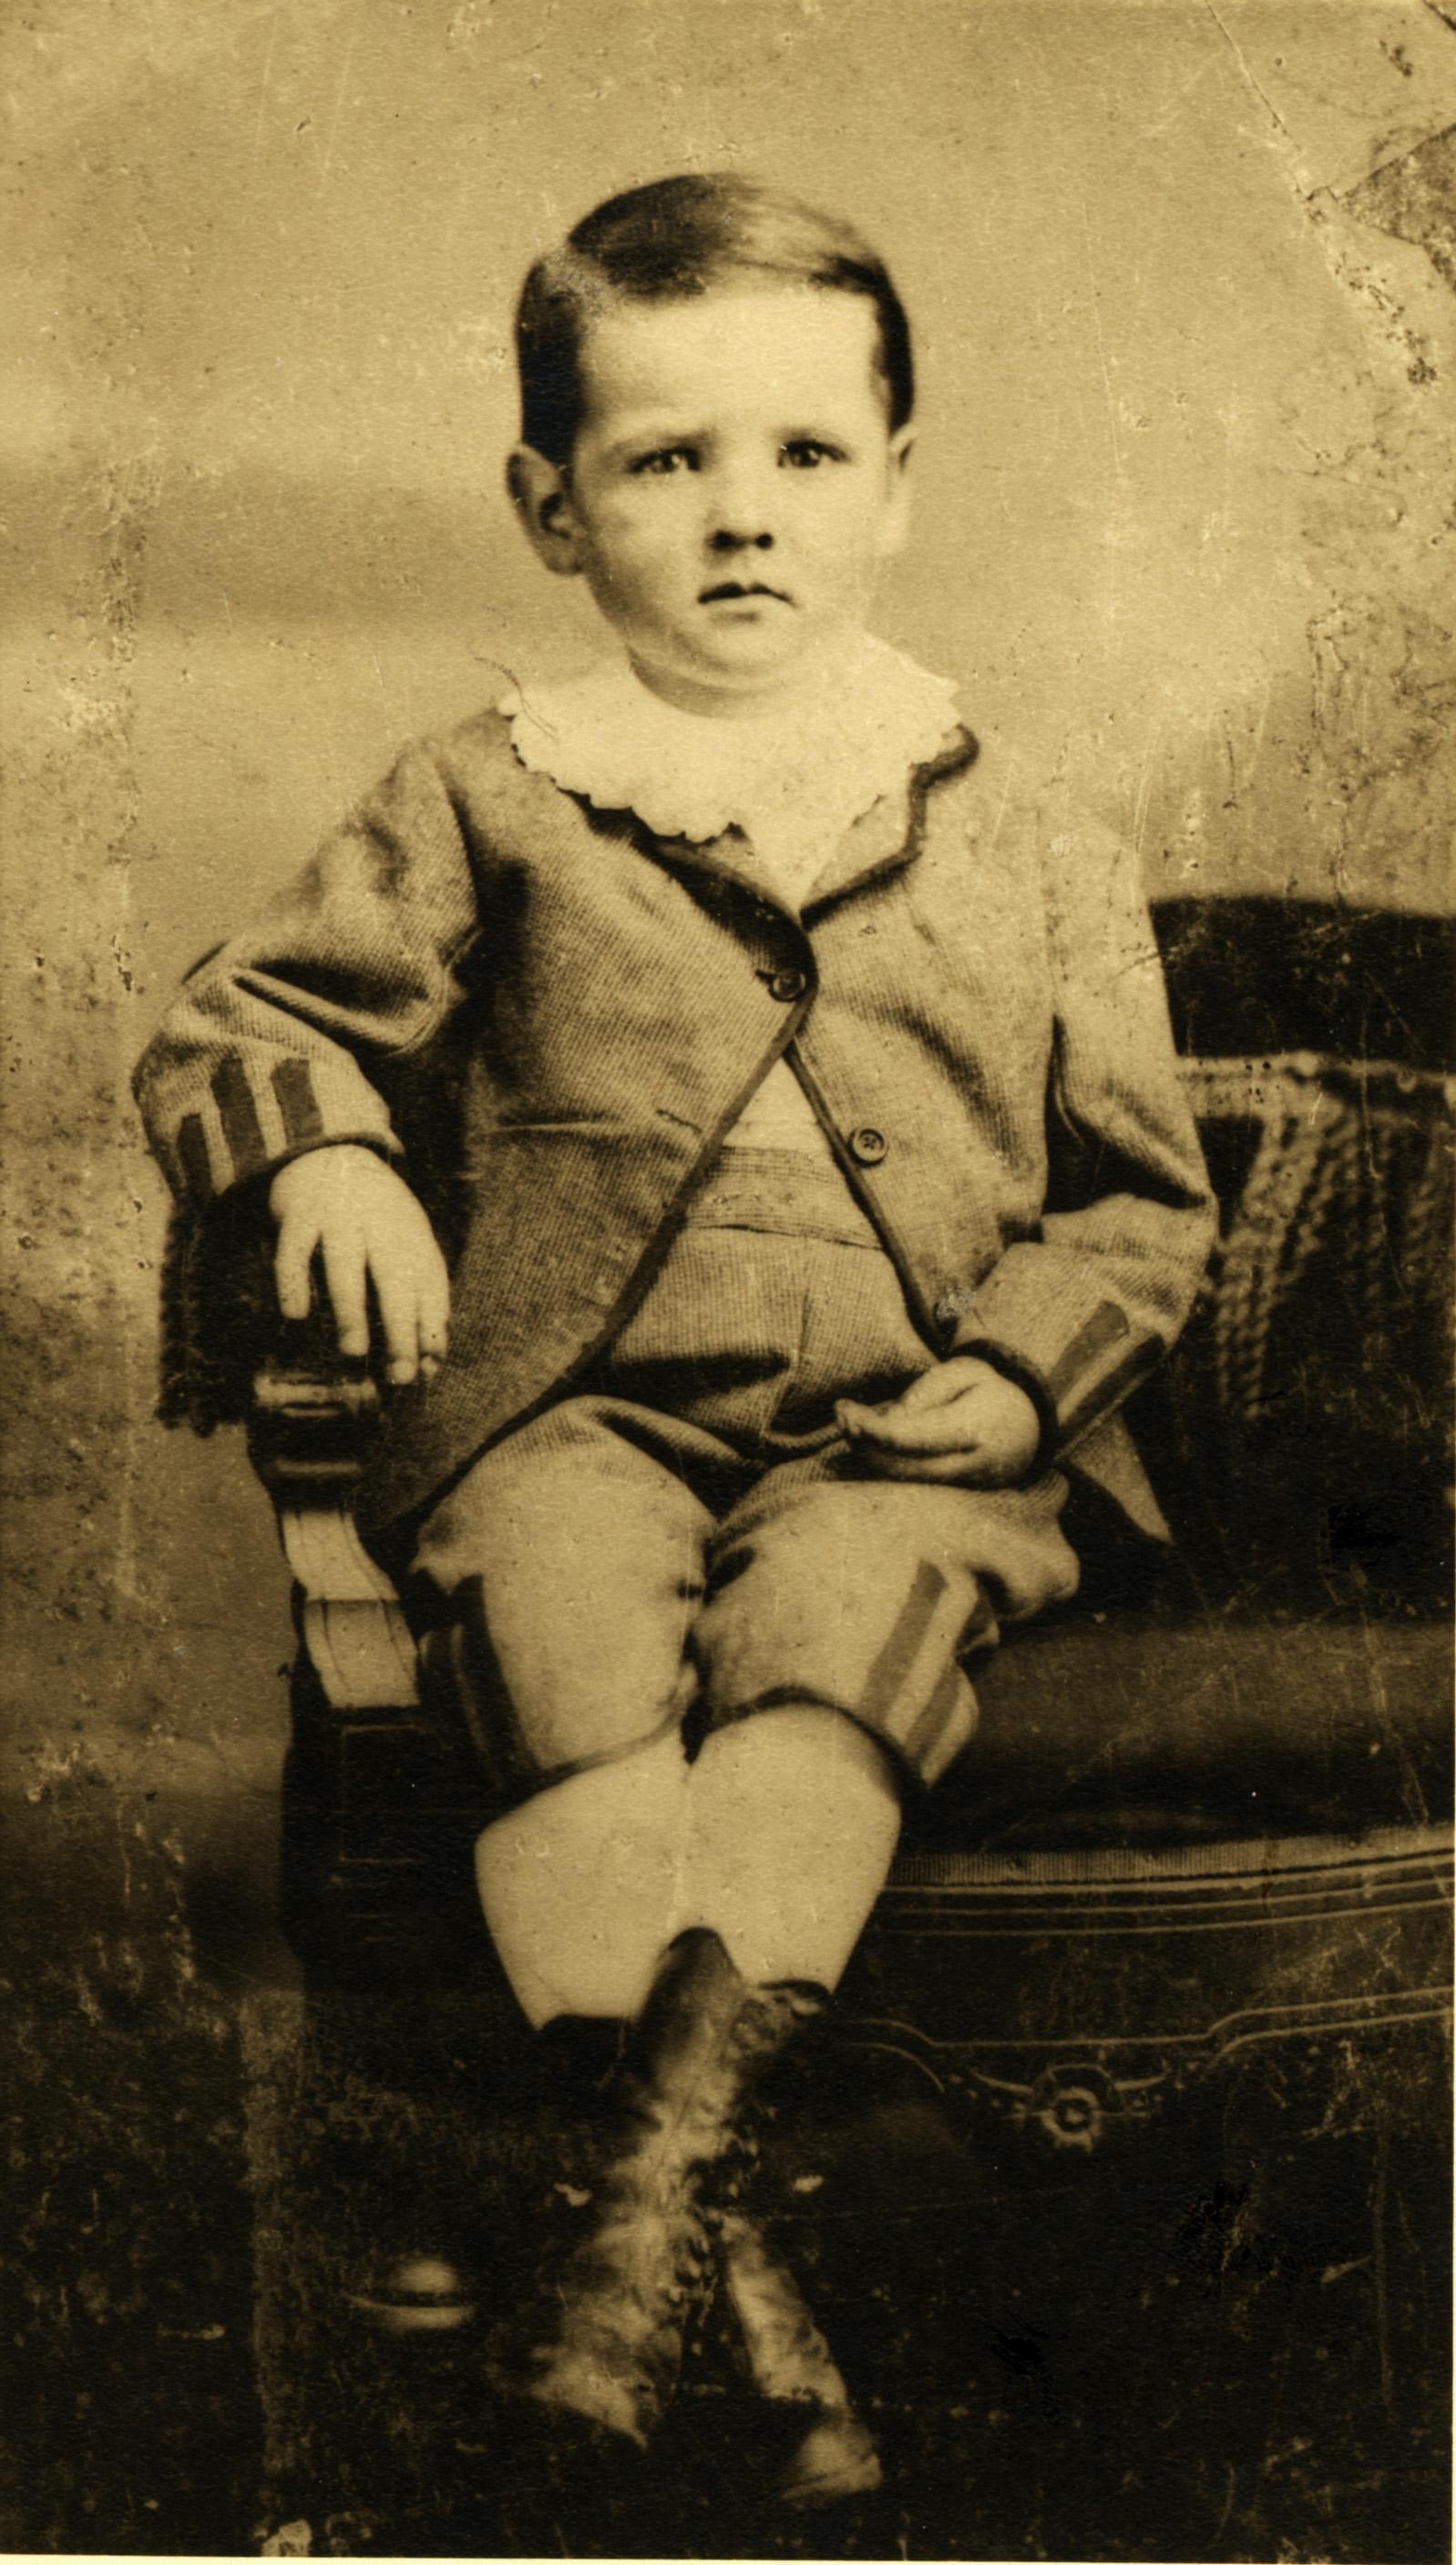 Herbert Hoover, age 3.